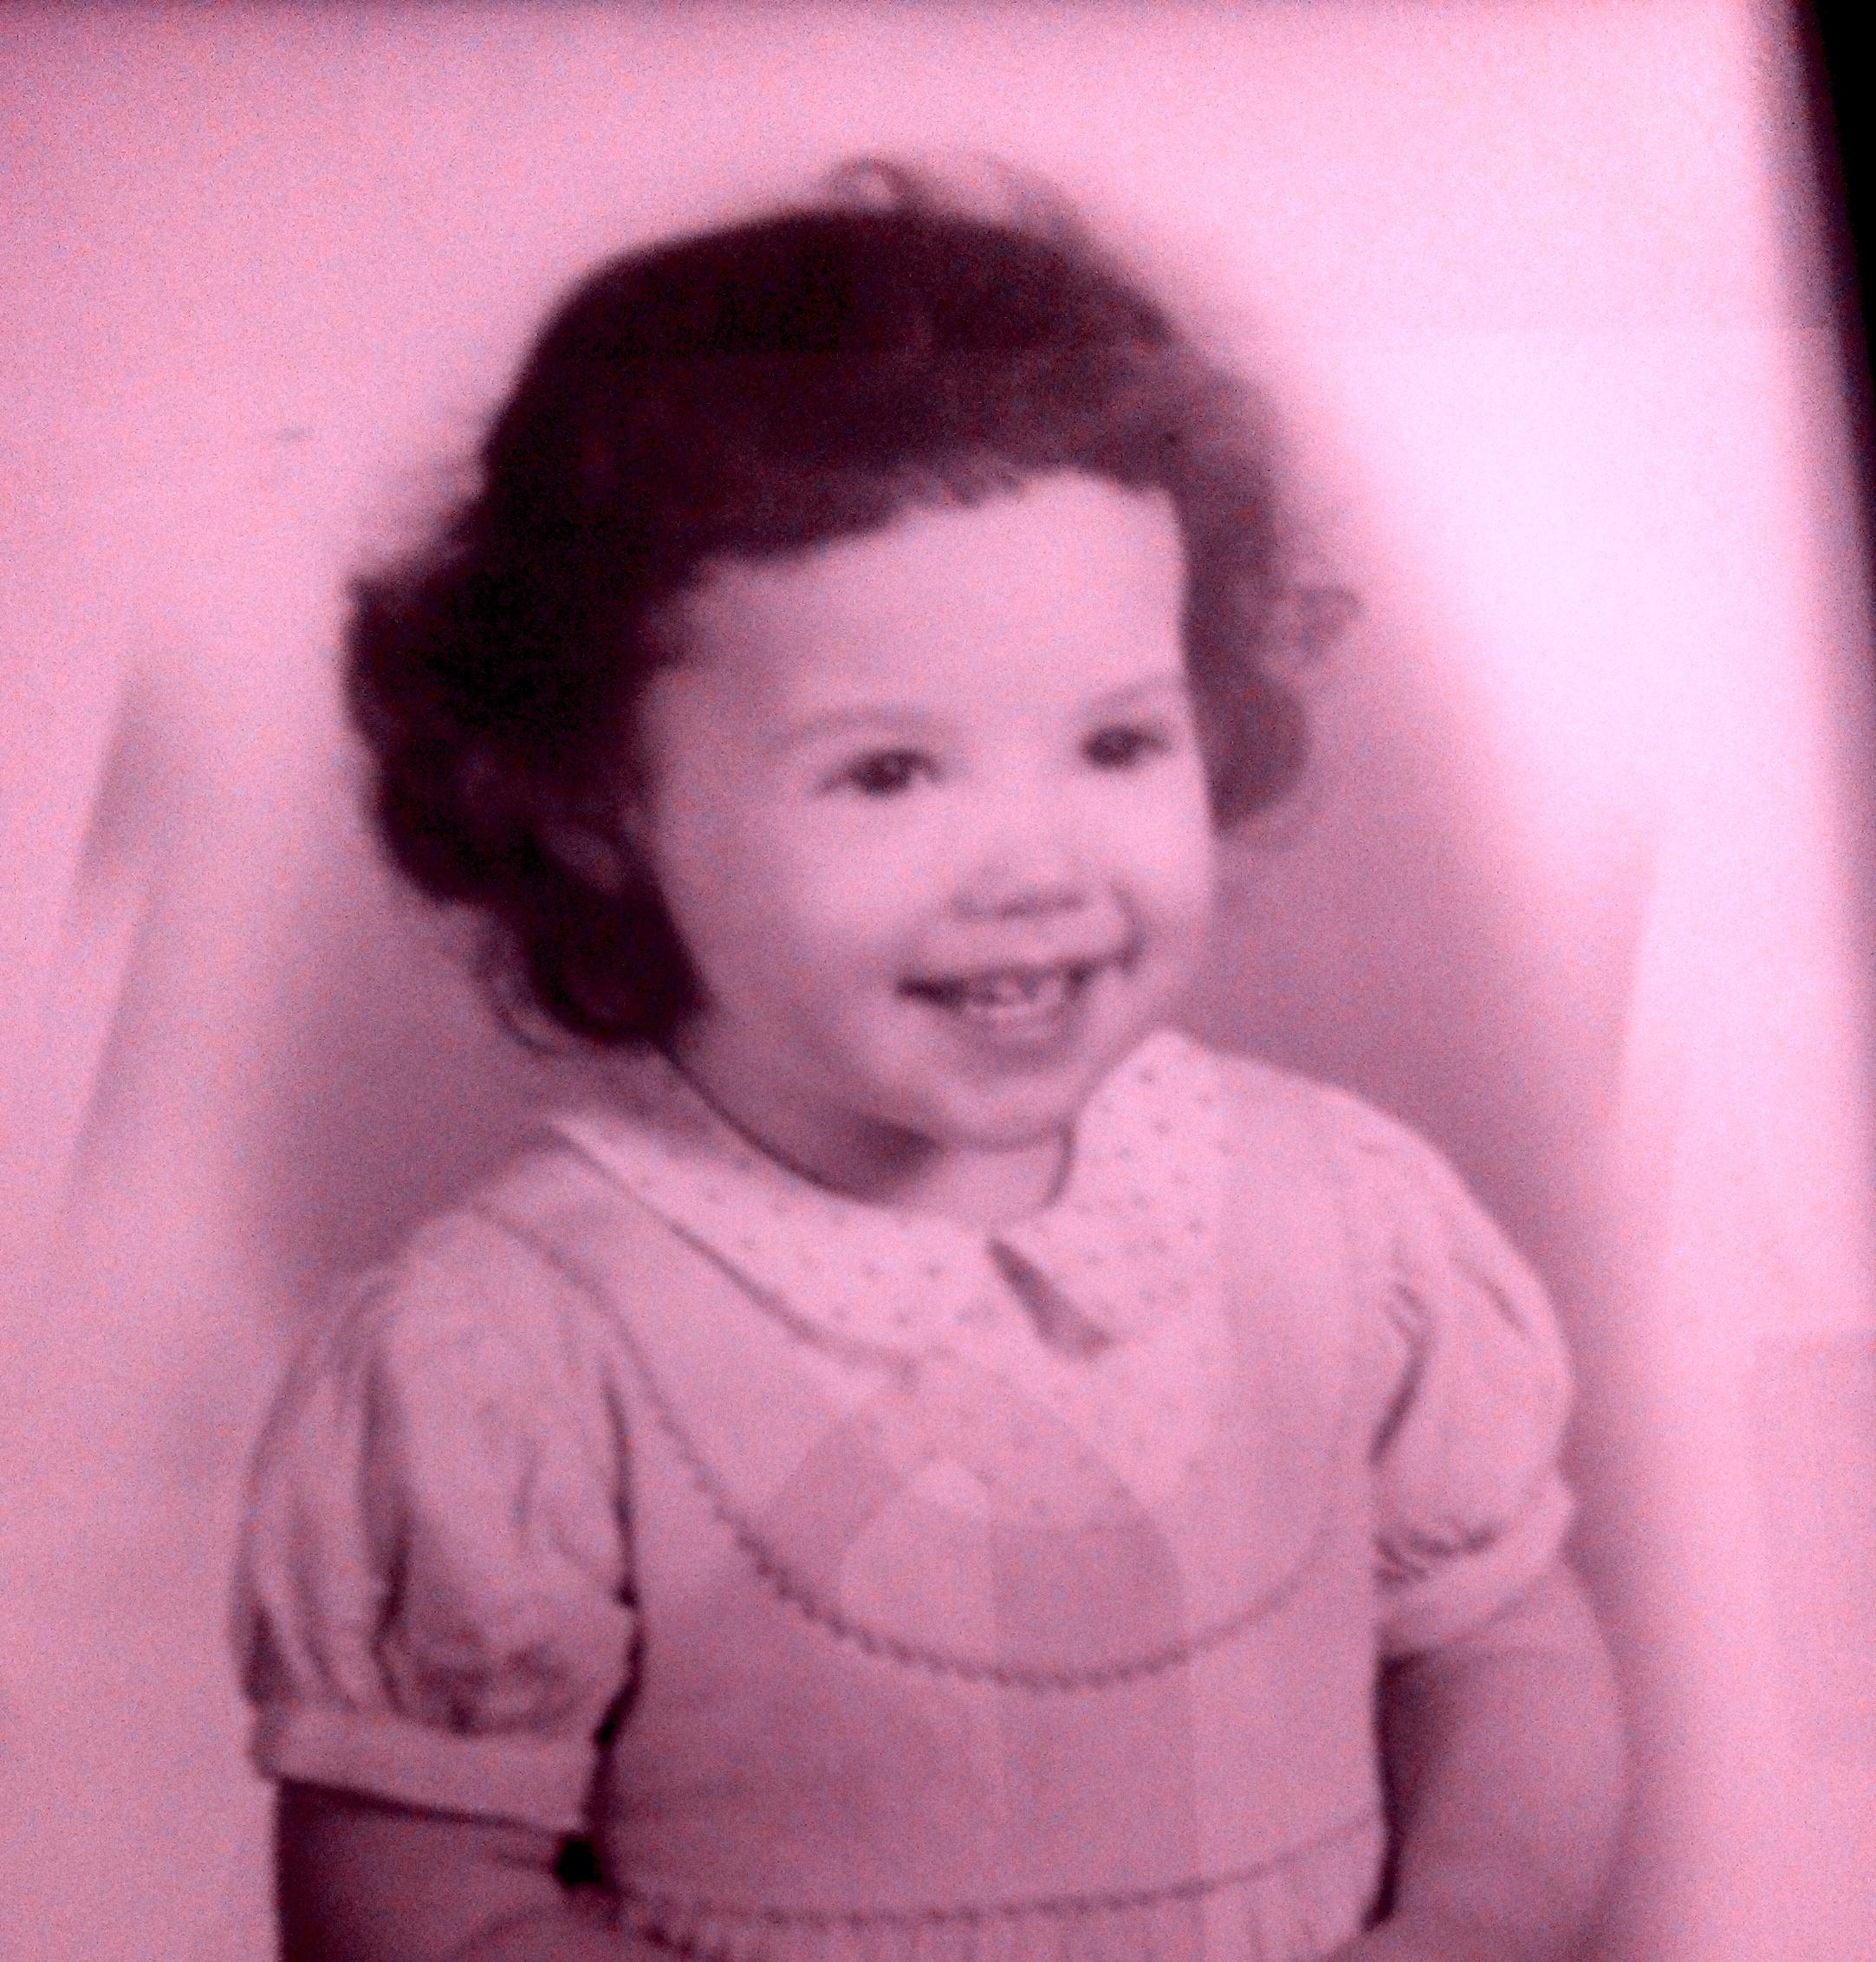 Image : Nancy as a child